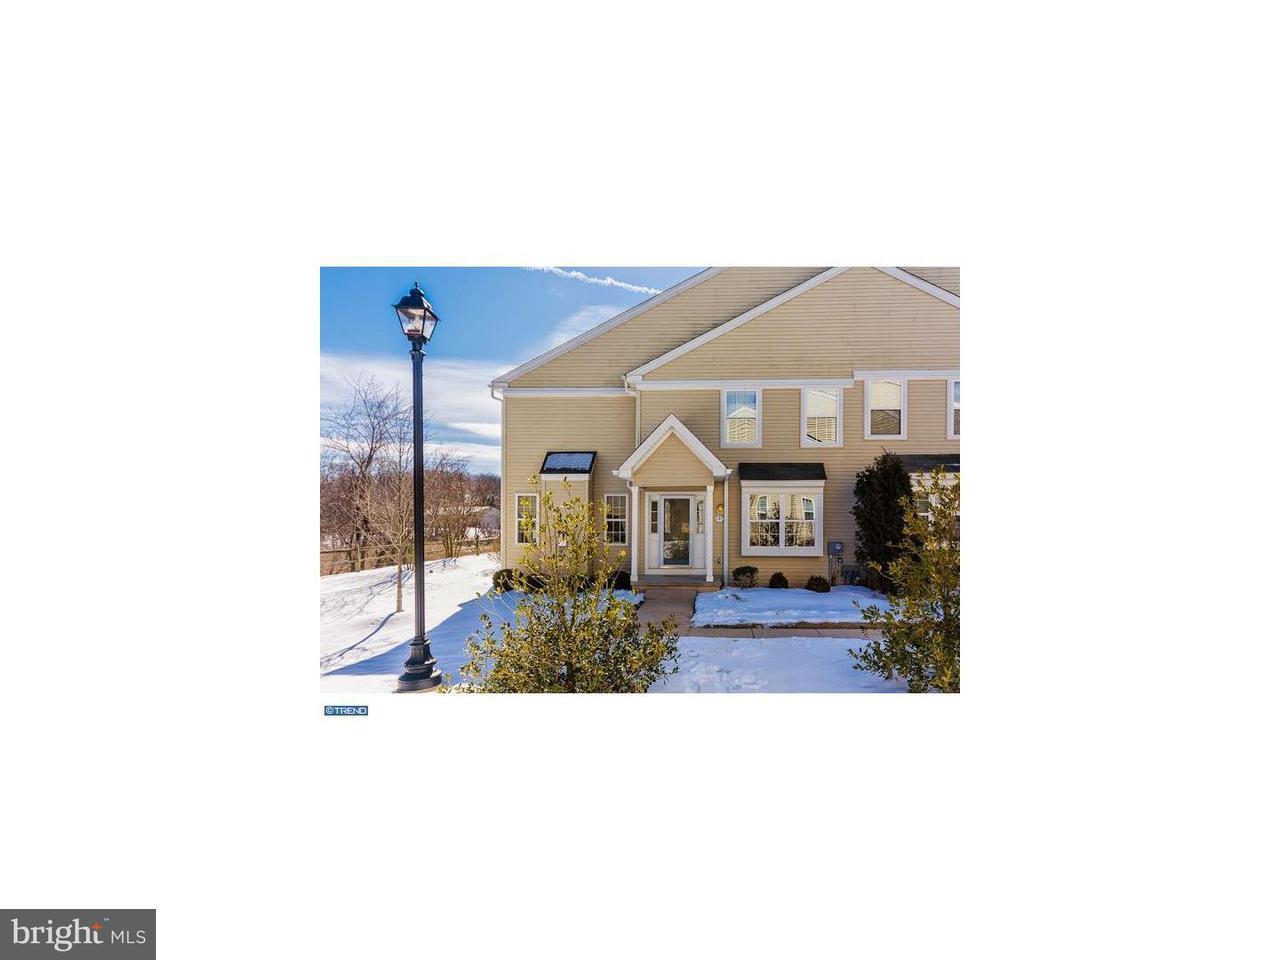 联栋屋 为 出租 在 131 GRANITE LN #1 切斯特斯普林斯, 宾夕法尼亚州 19425 美国